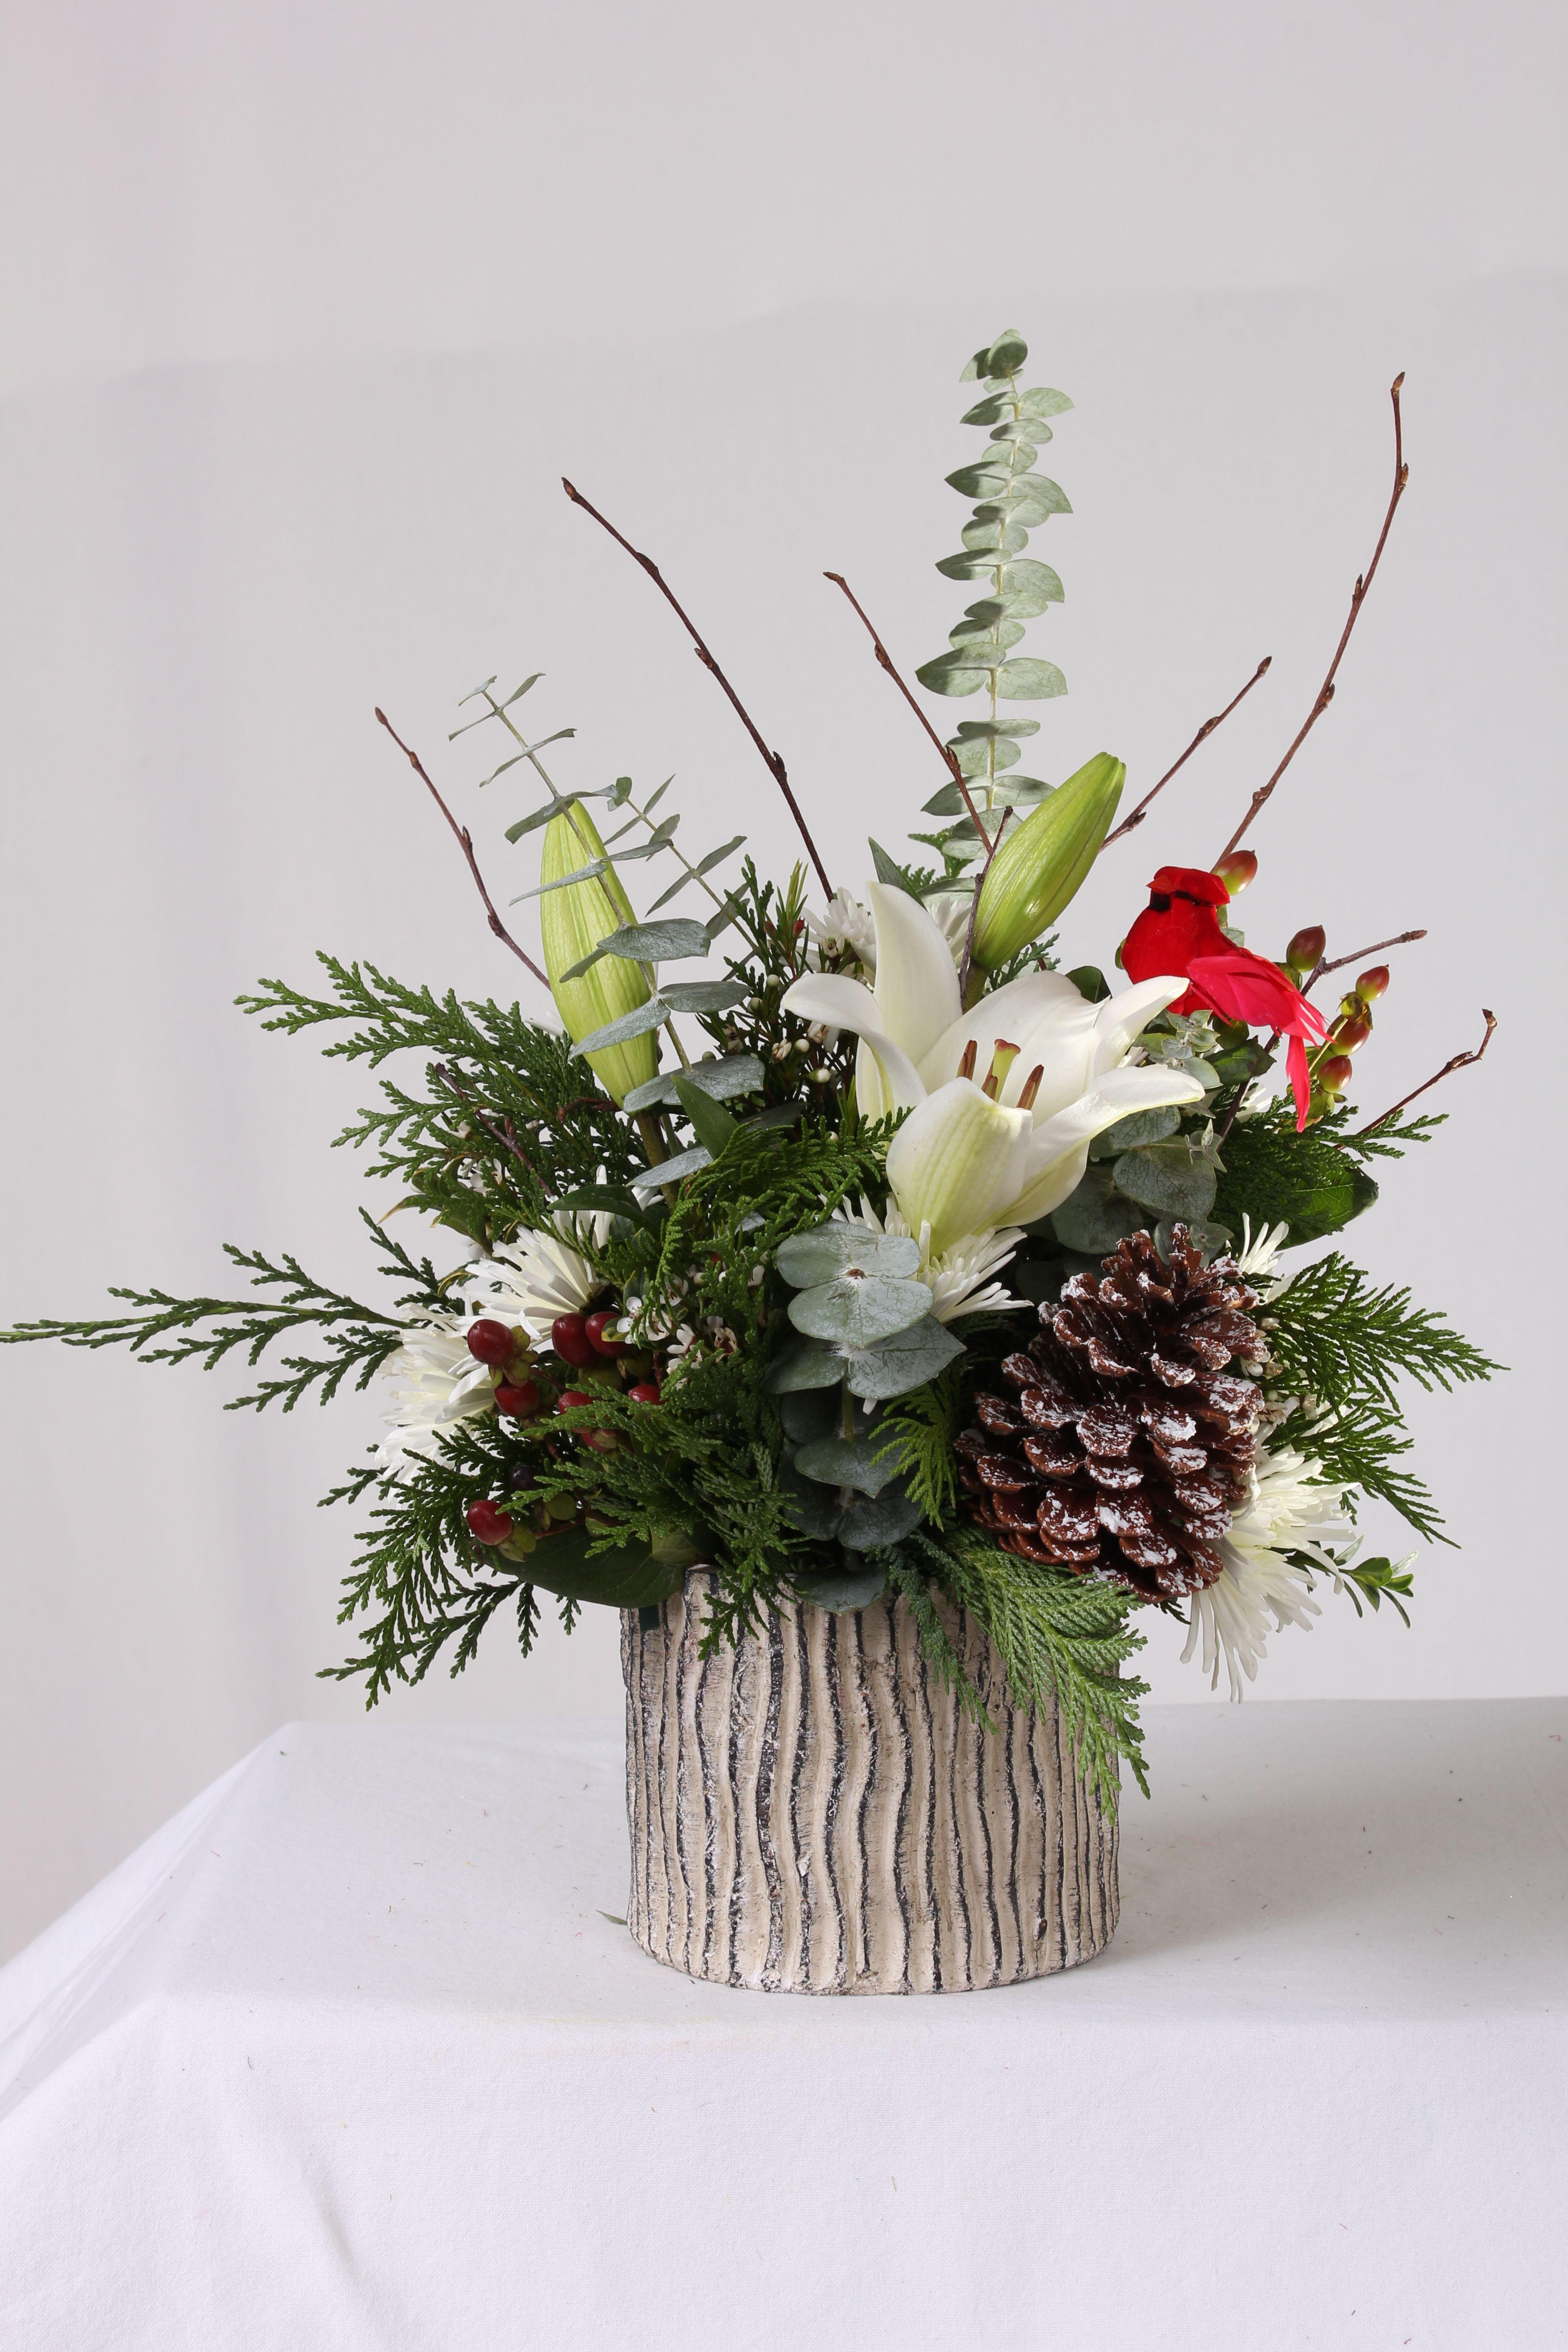 Birch inspired winter holiday flower arrangement